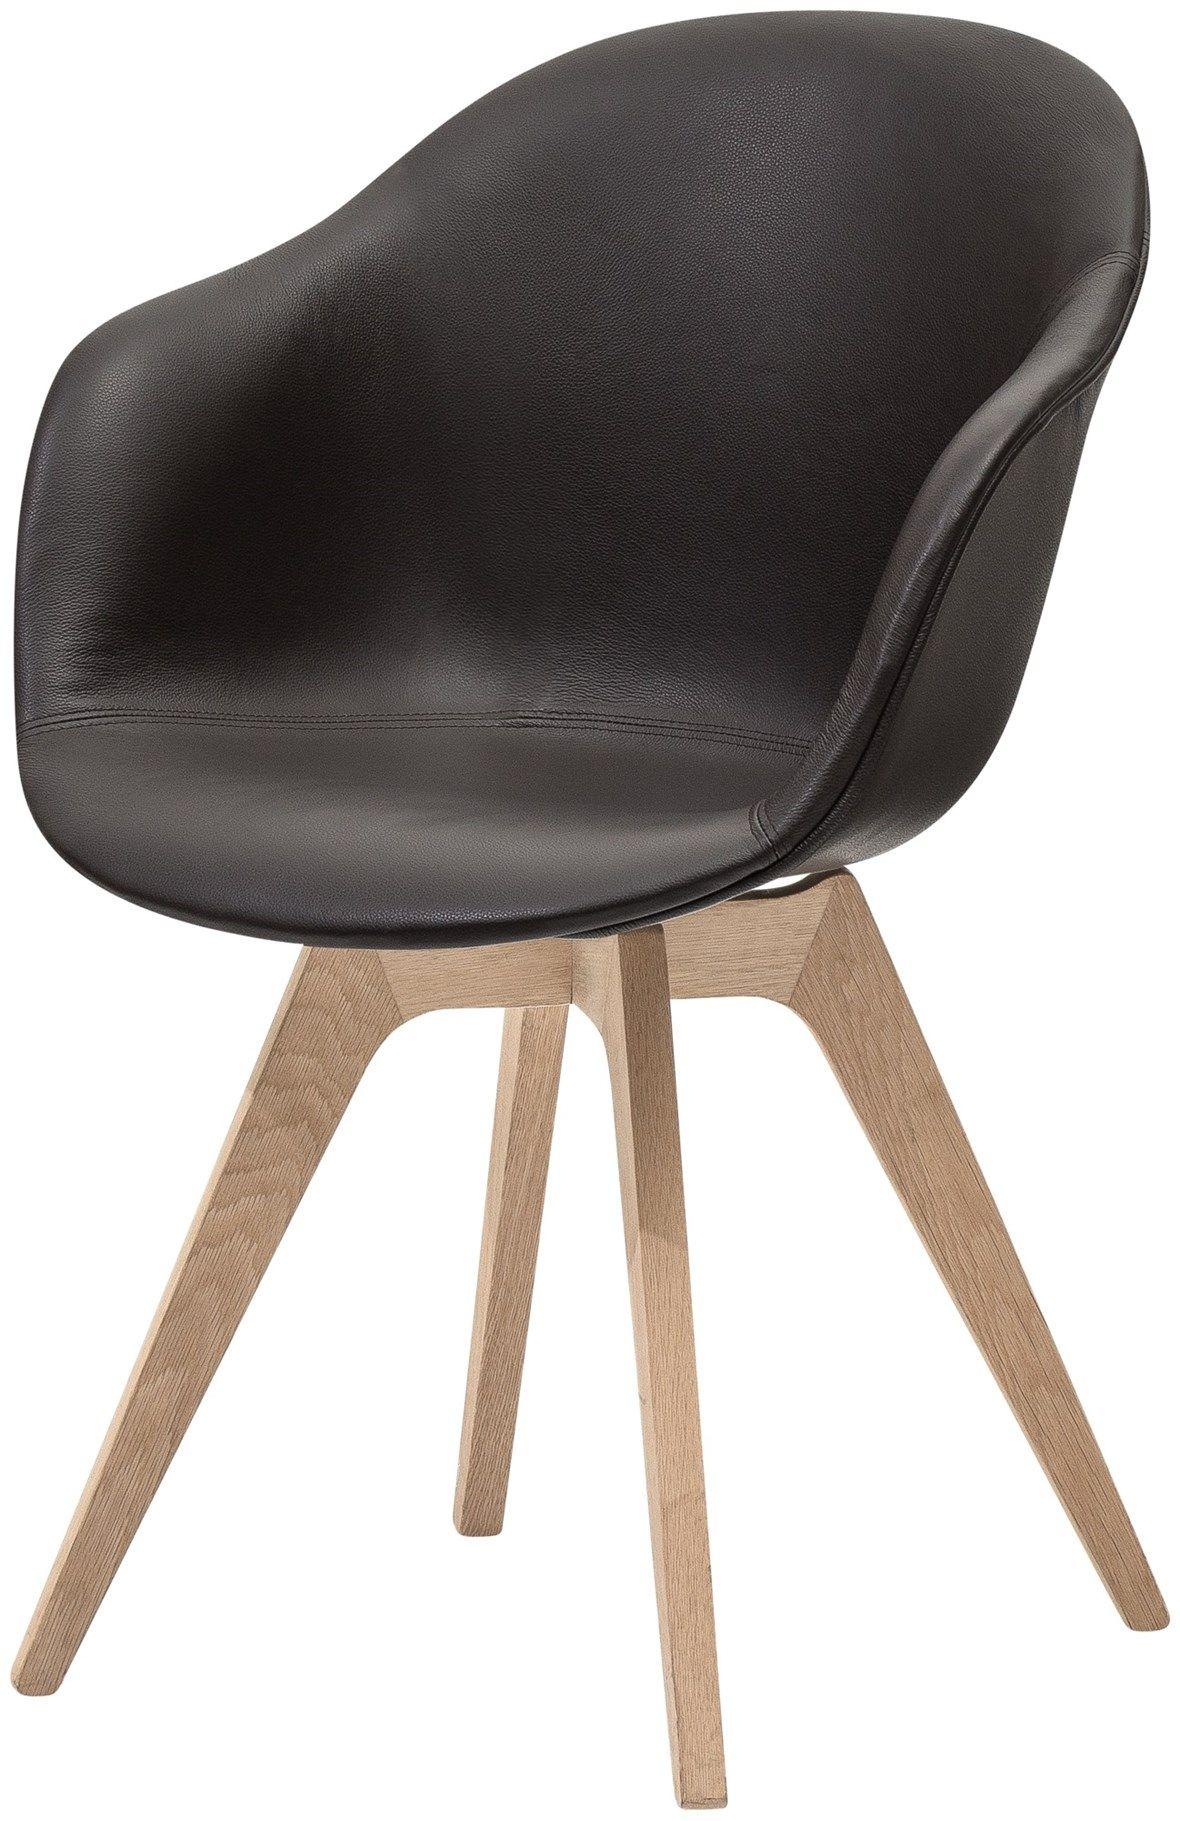 Moderne Designer Esszimmerstühle online kaufen   BoConcept®   Esszimmerstühle, Moderne ...